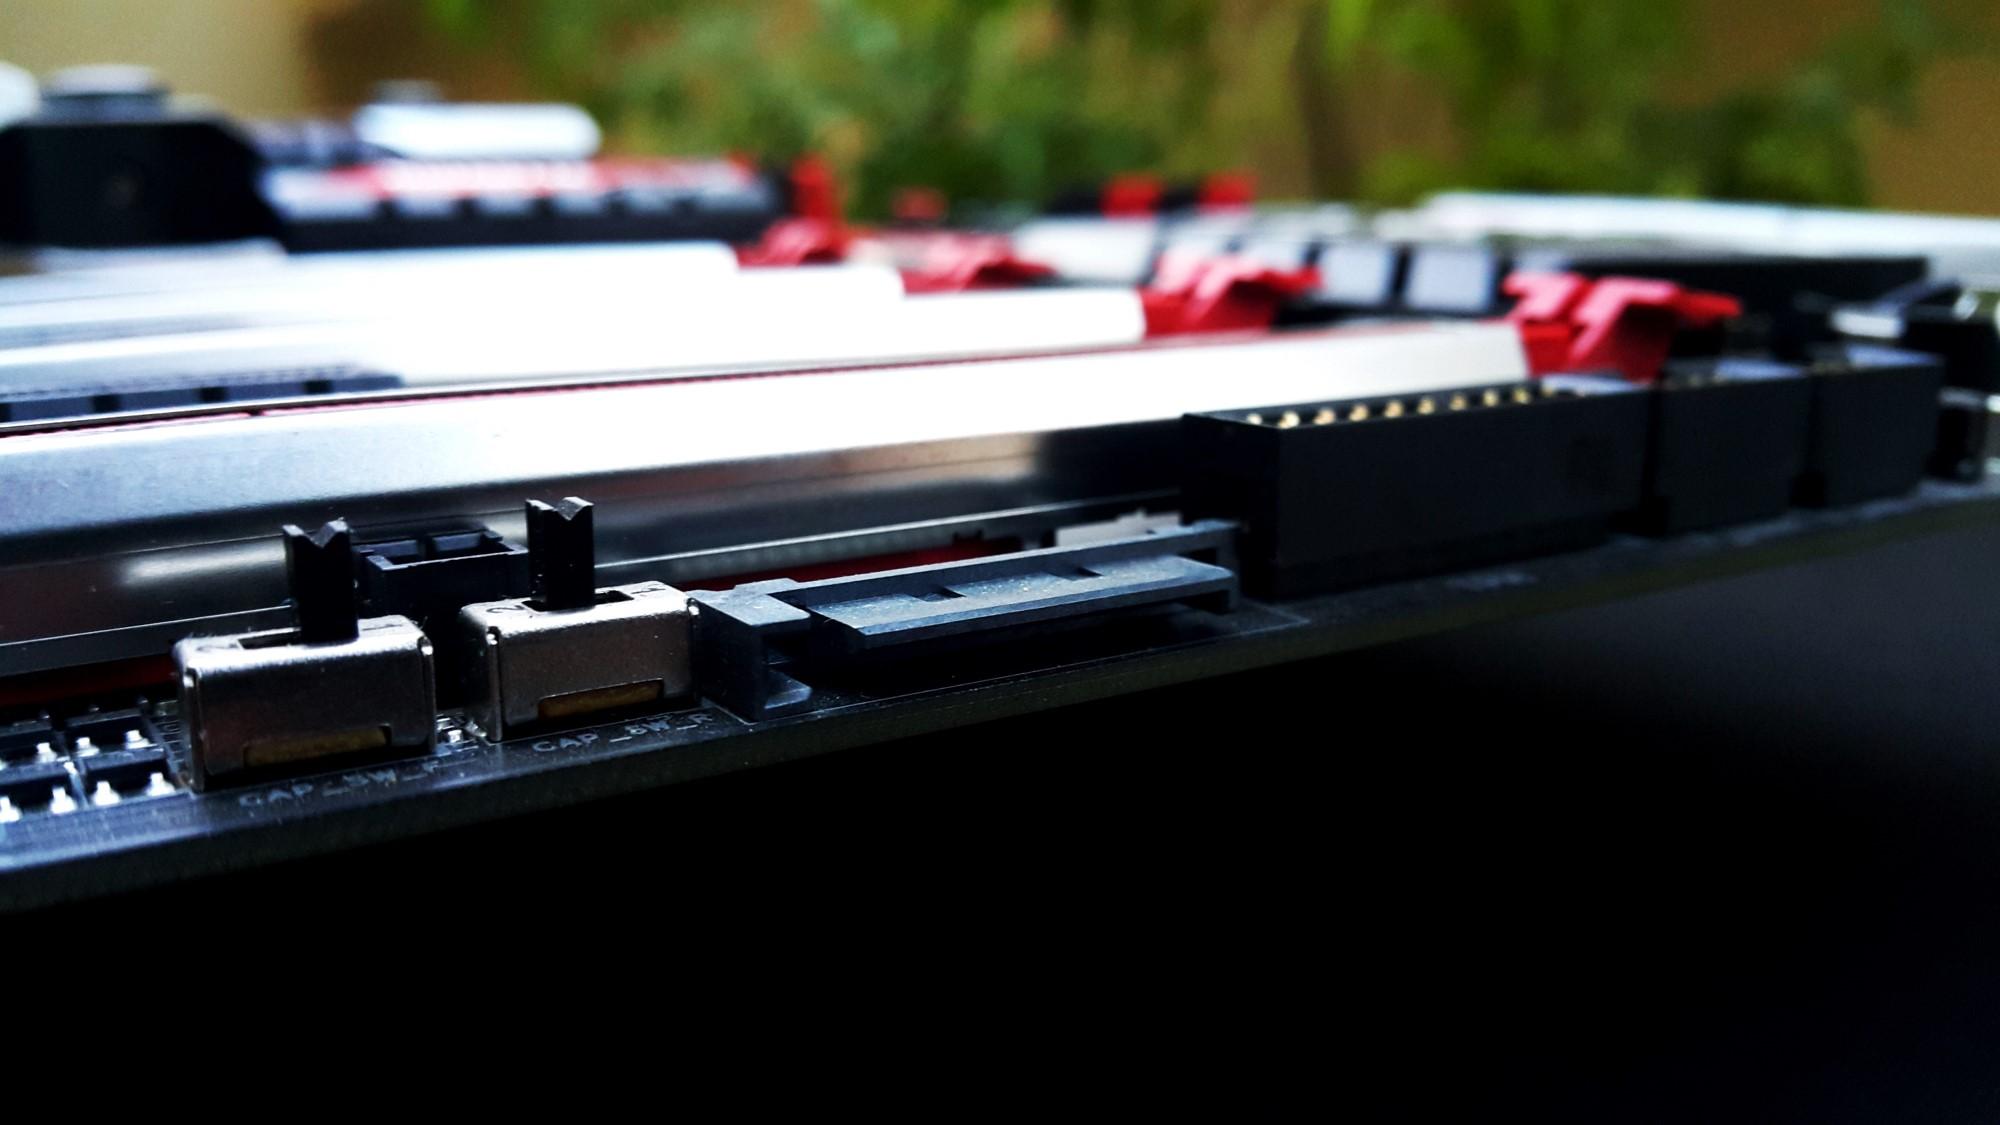 Gigabyte Z170X Gaming G1 PCI-E Power